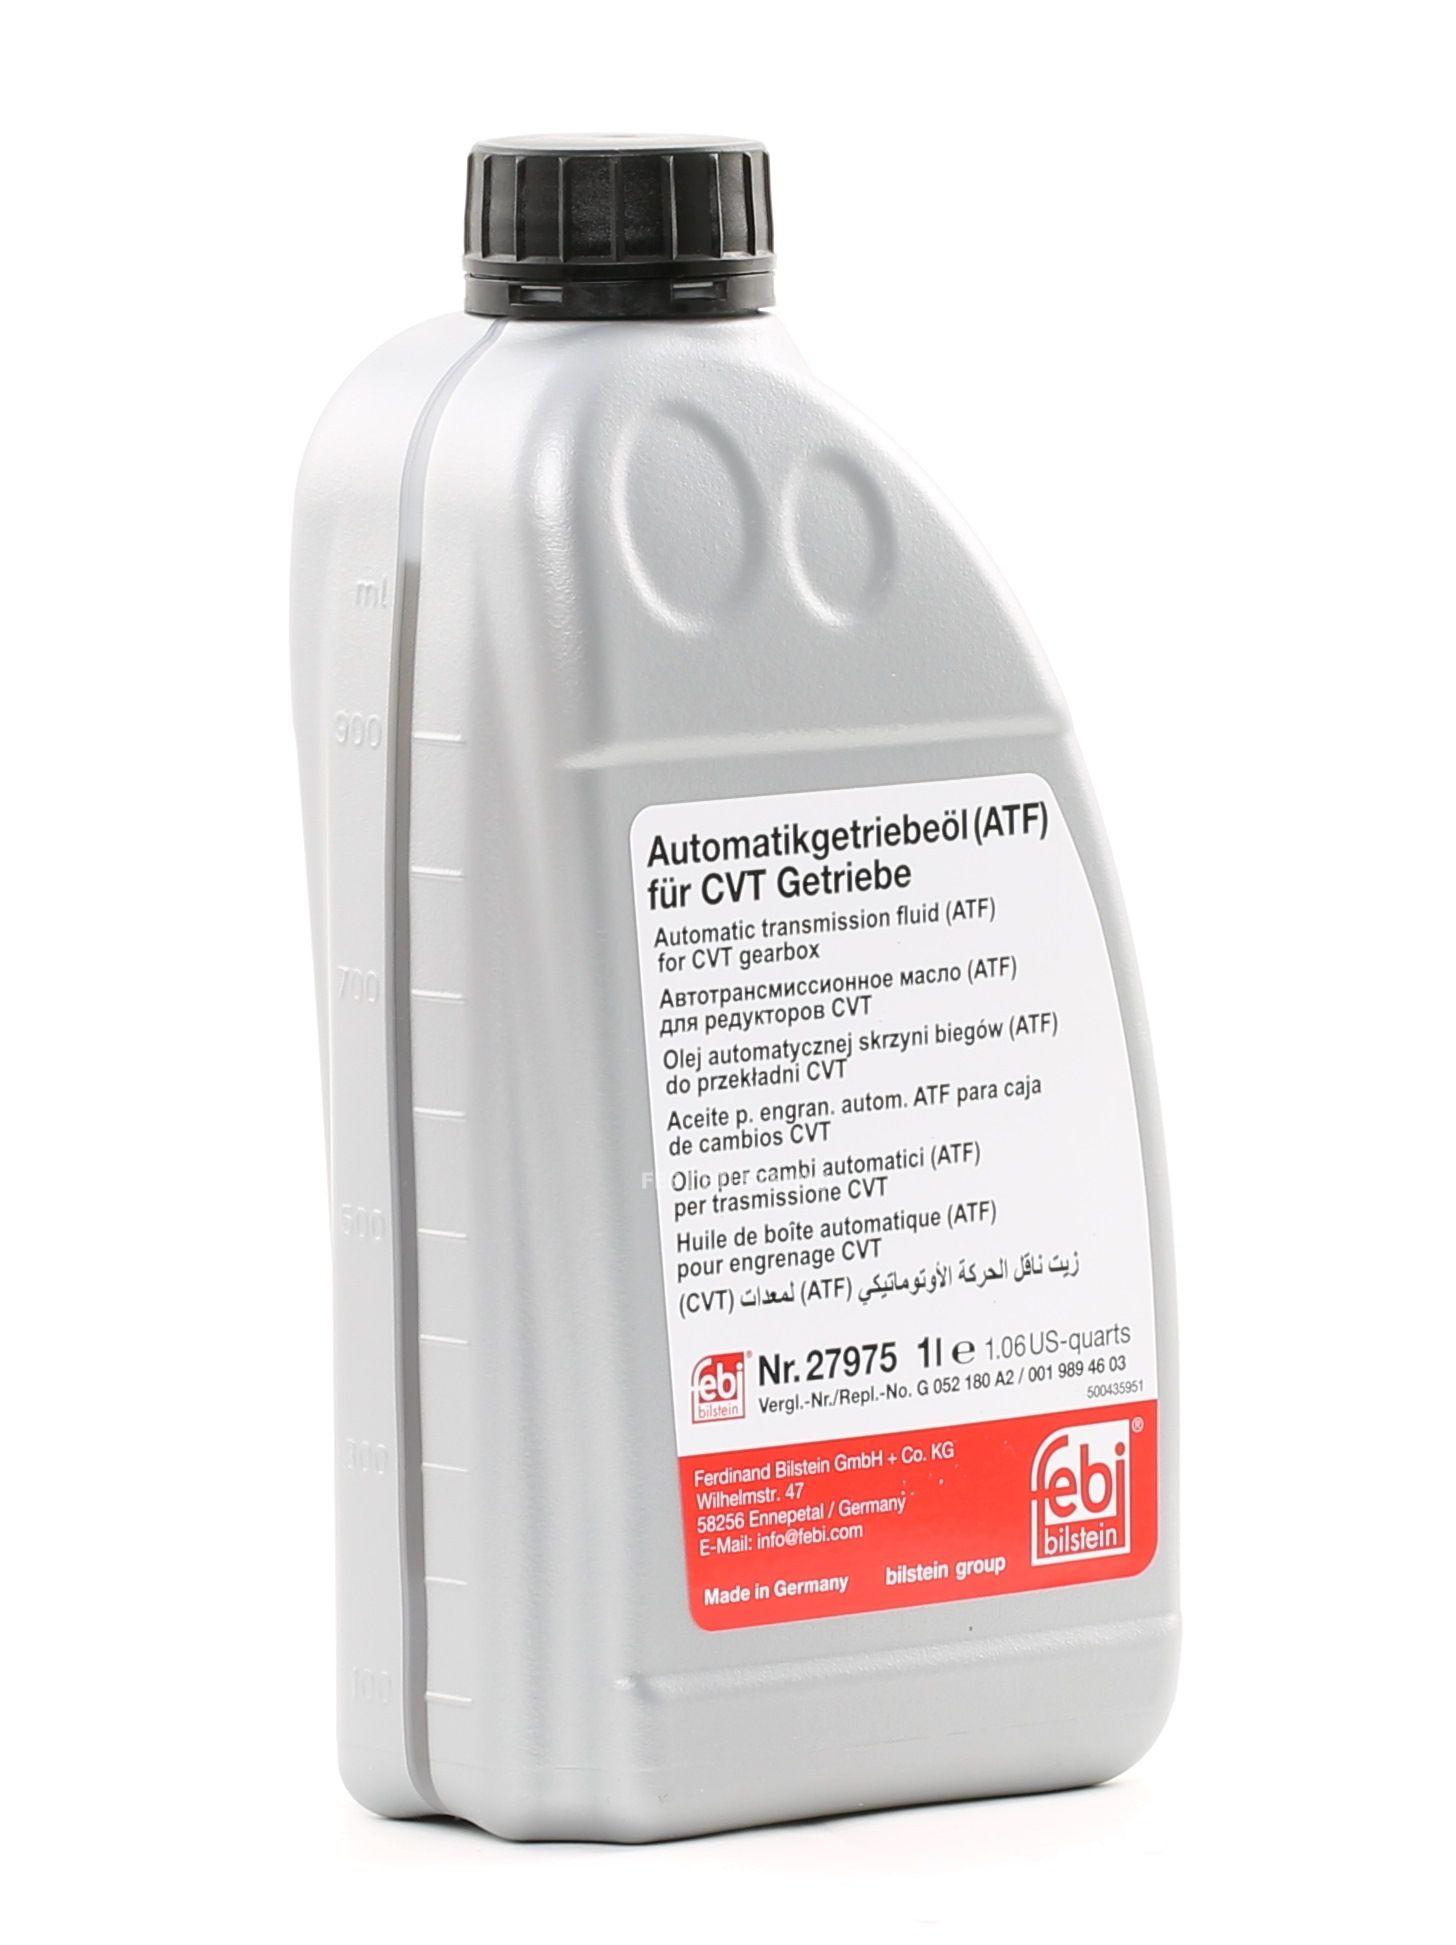 Automatikgetriebeöl FEBI BILSTEIN VWTL52116 Bewertung